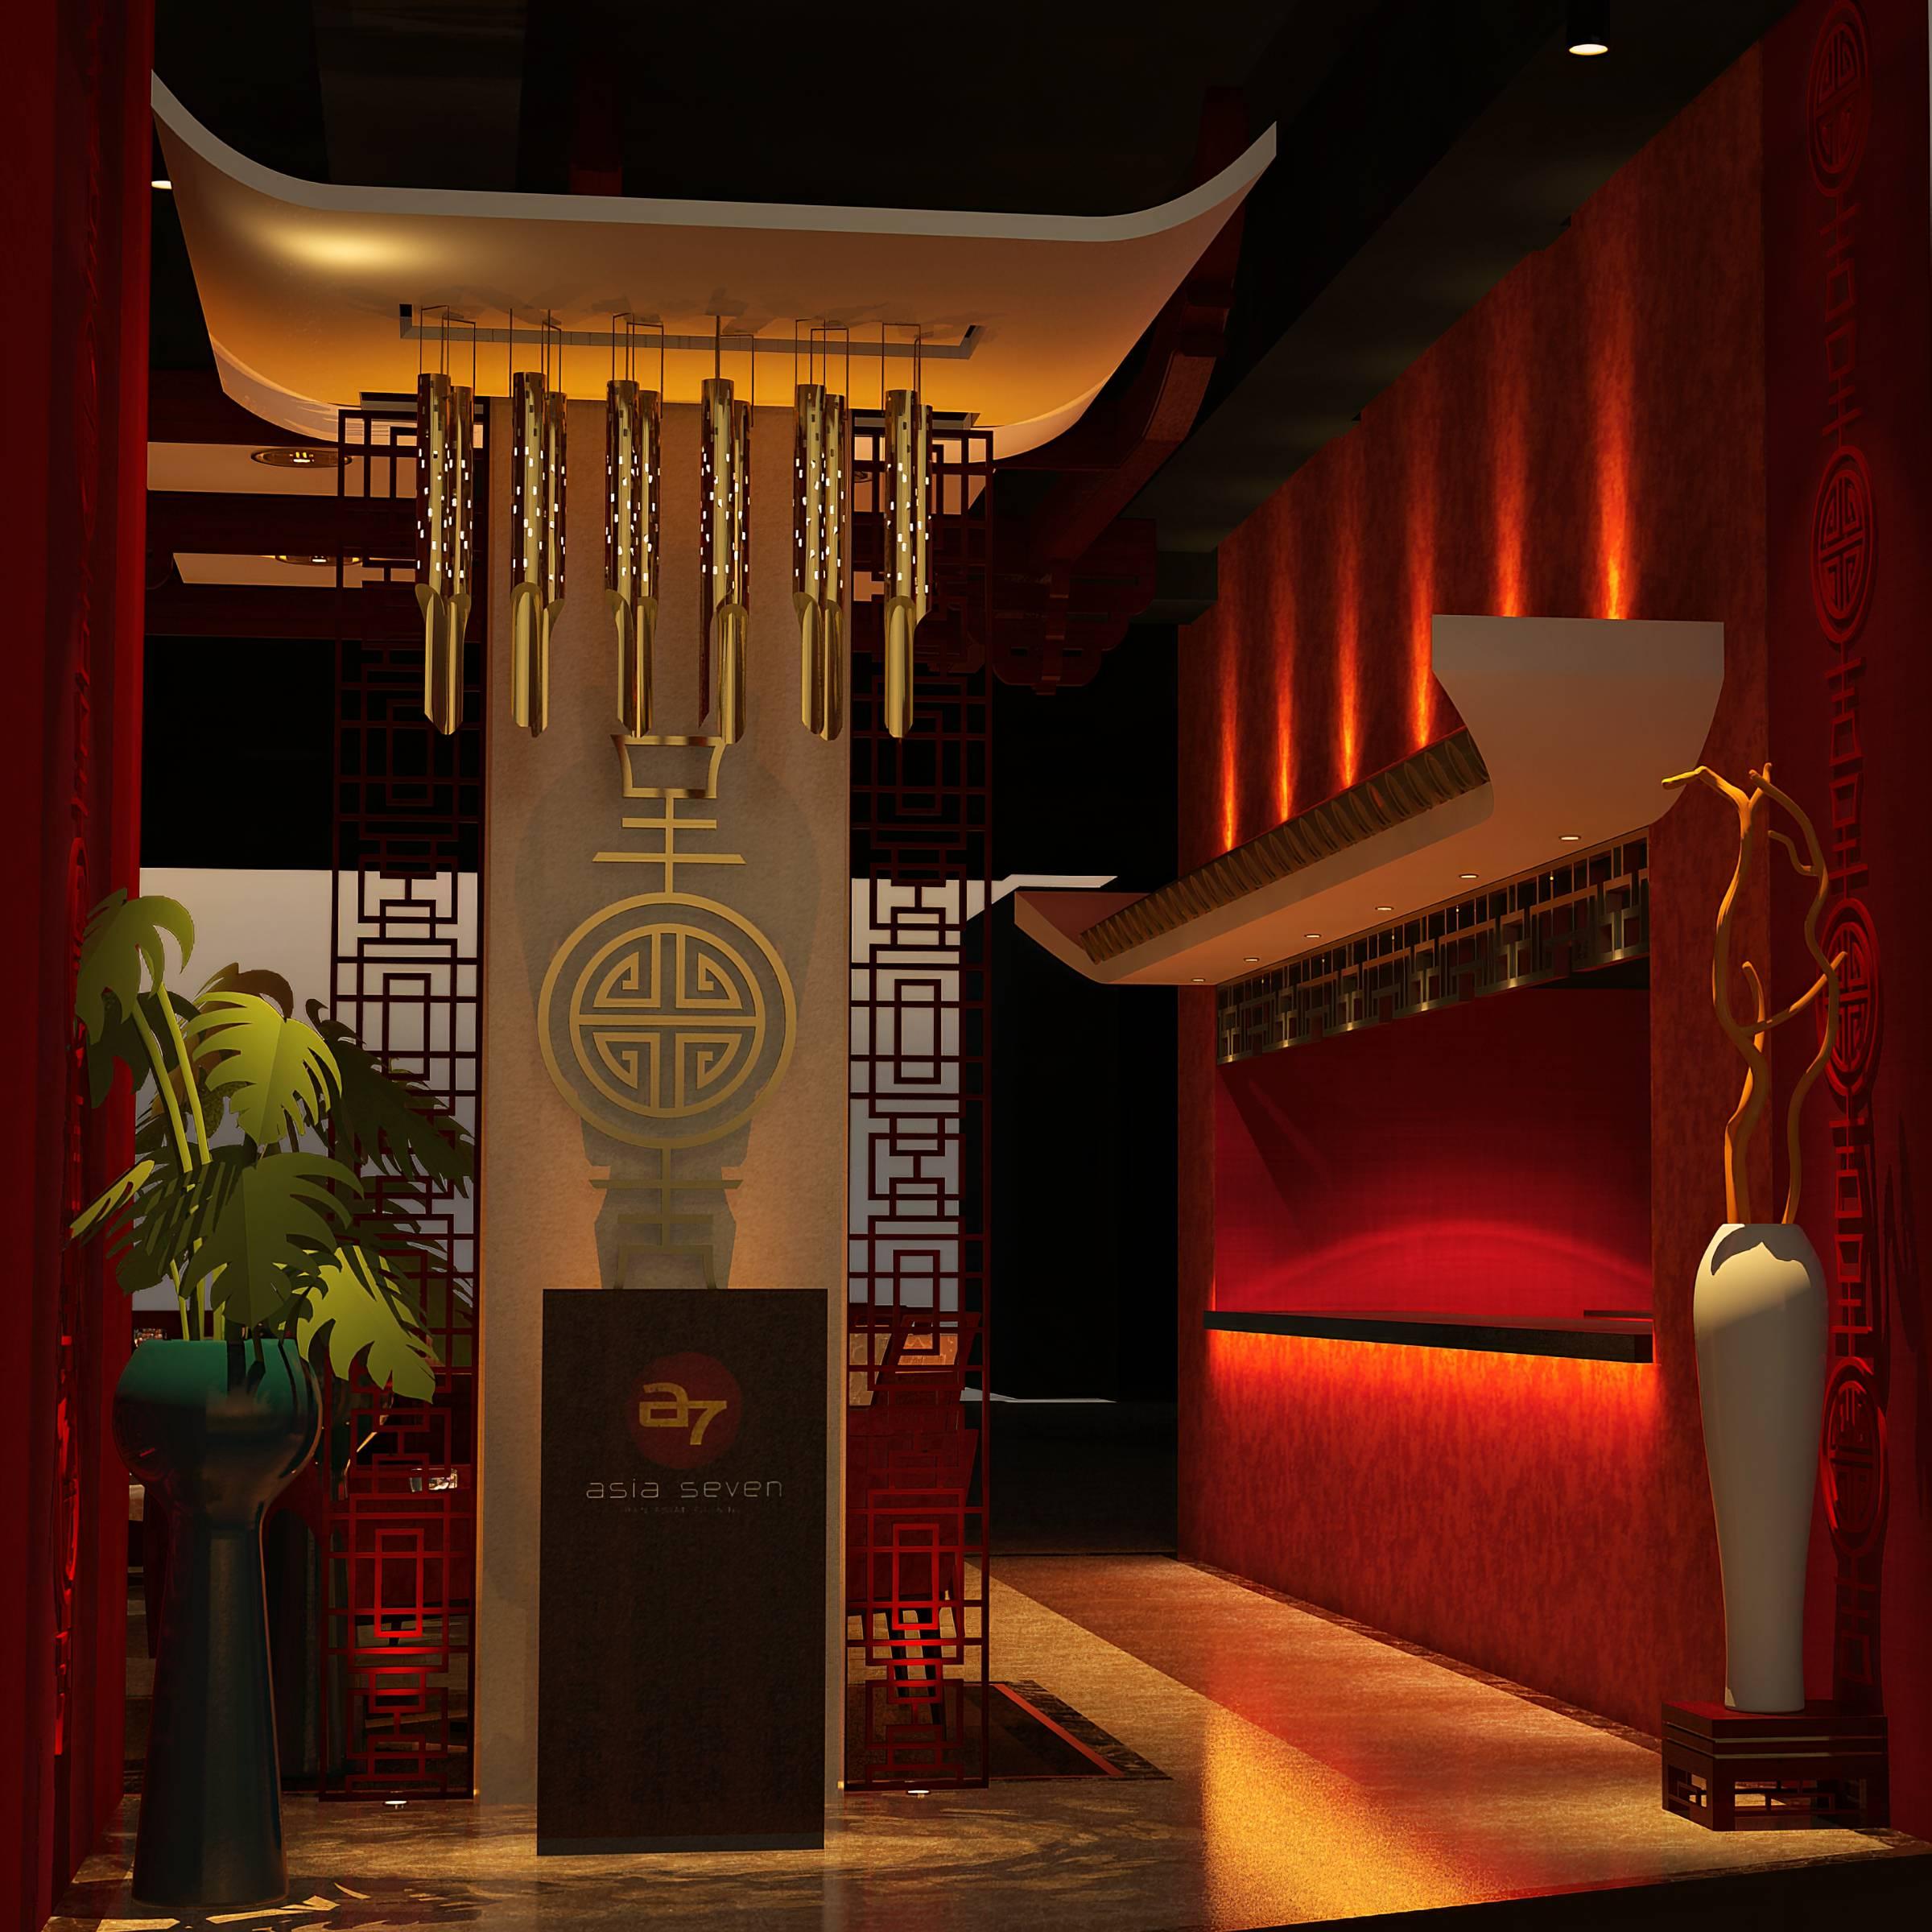 Asia Seven restaurant hostess desk